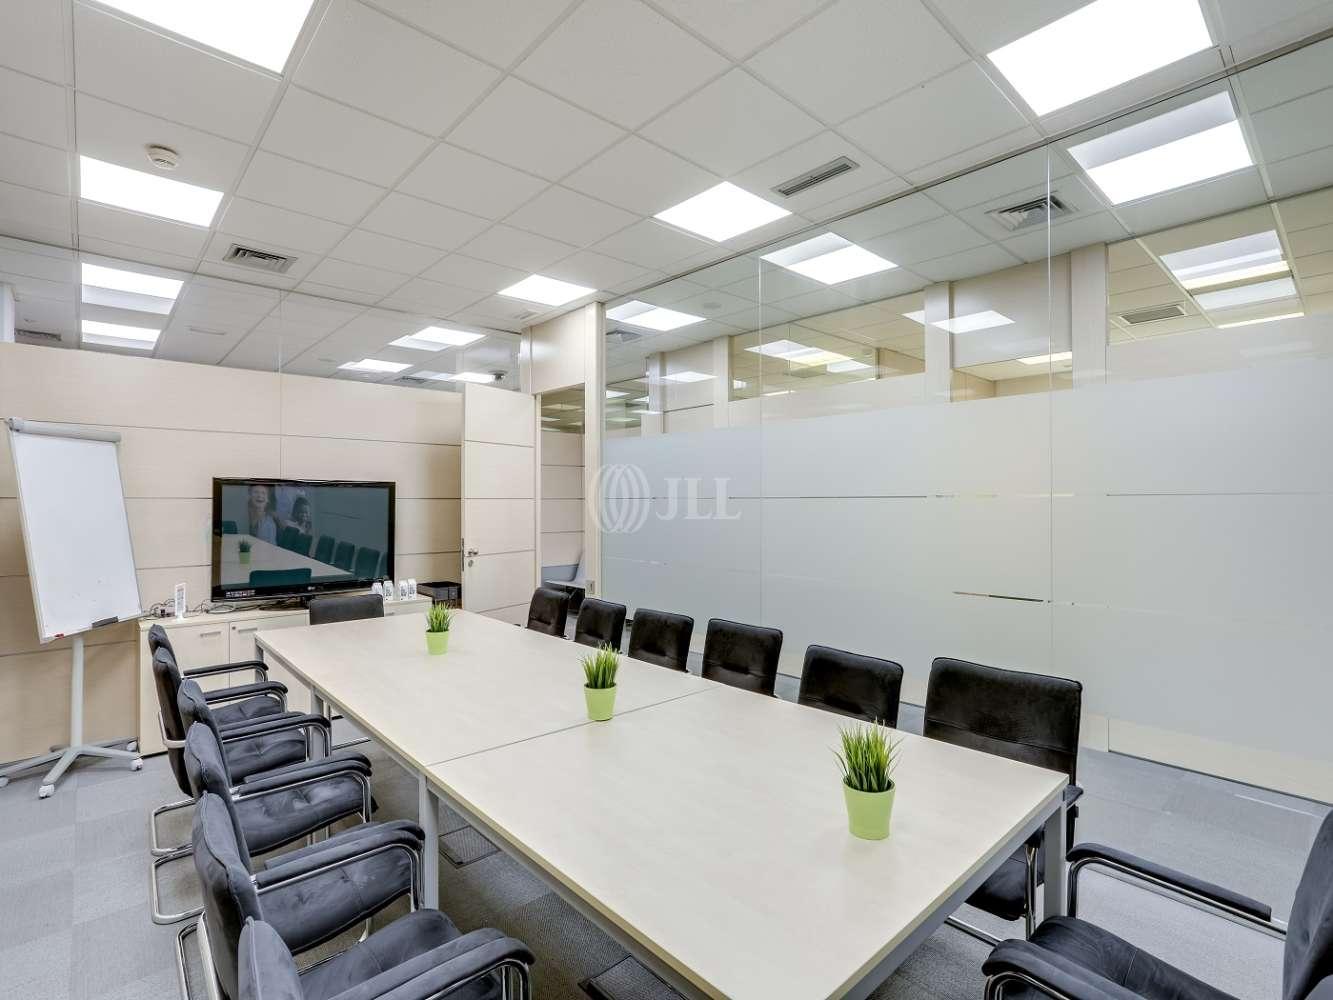 Oficina San sebastián de los reyes, 28703 - Coworking - Oficinas Ya fuenteventura 4